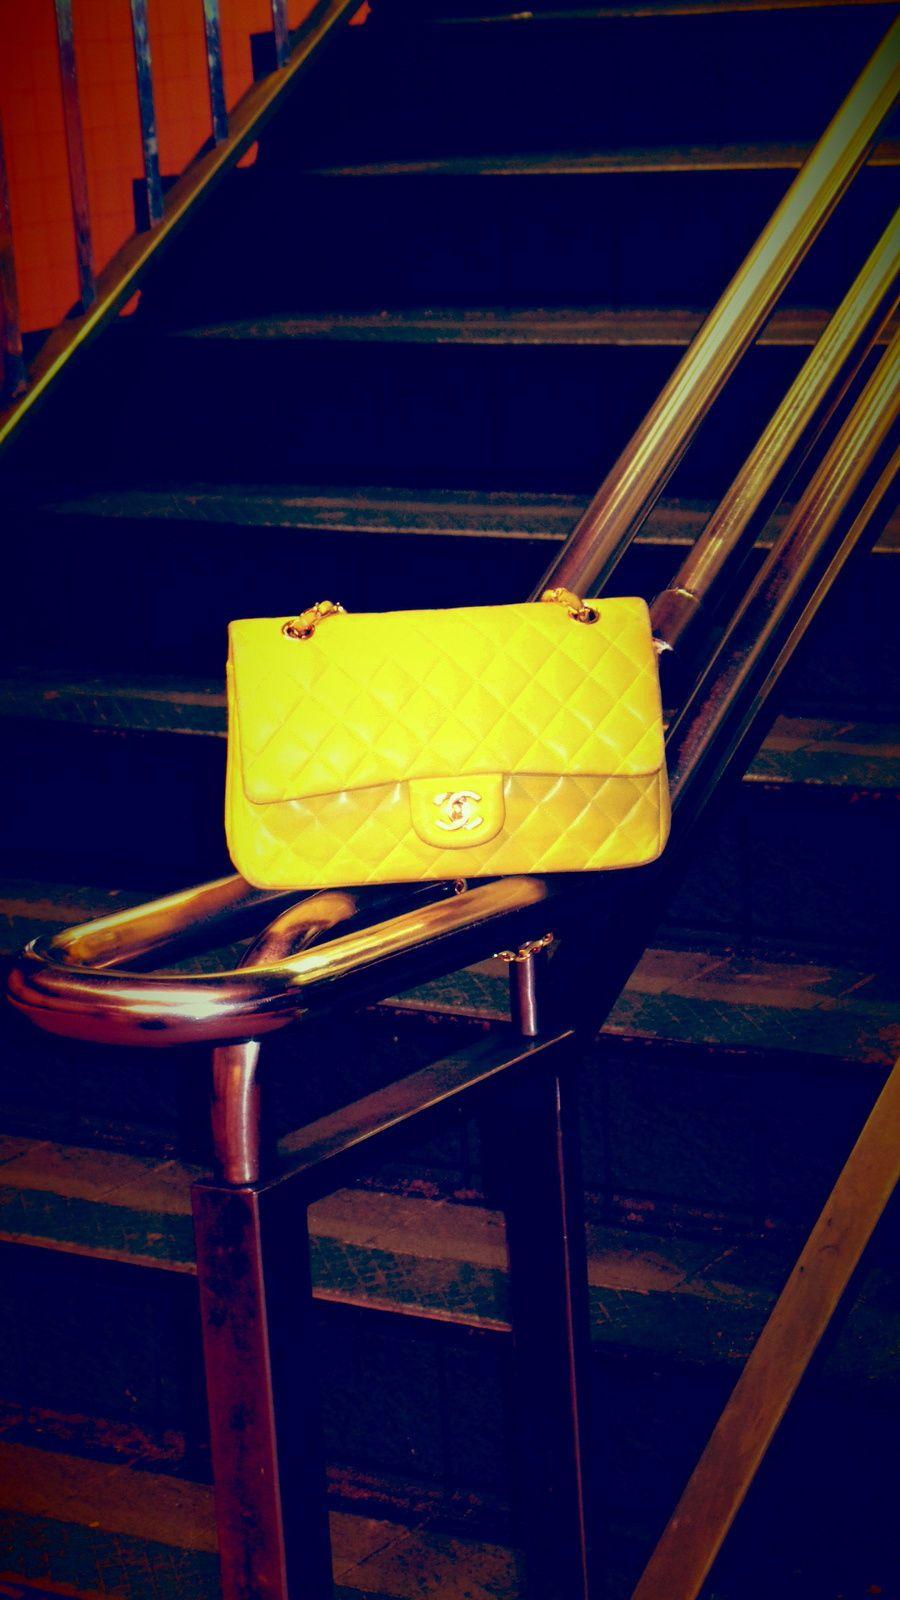 #Timessquare #NYC #Chanel #UGG #NYCSubway #NewBalance #Hermes